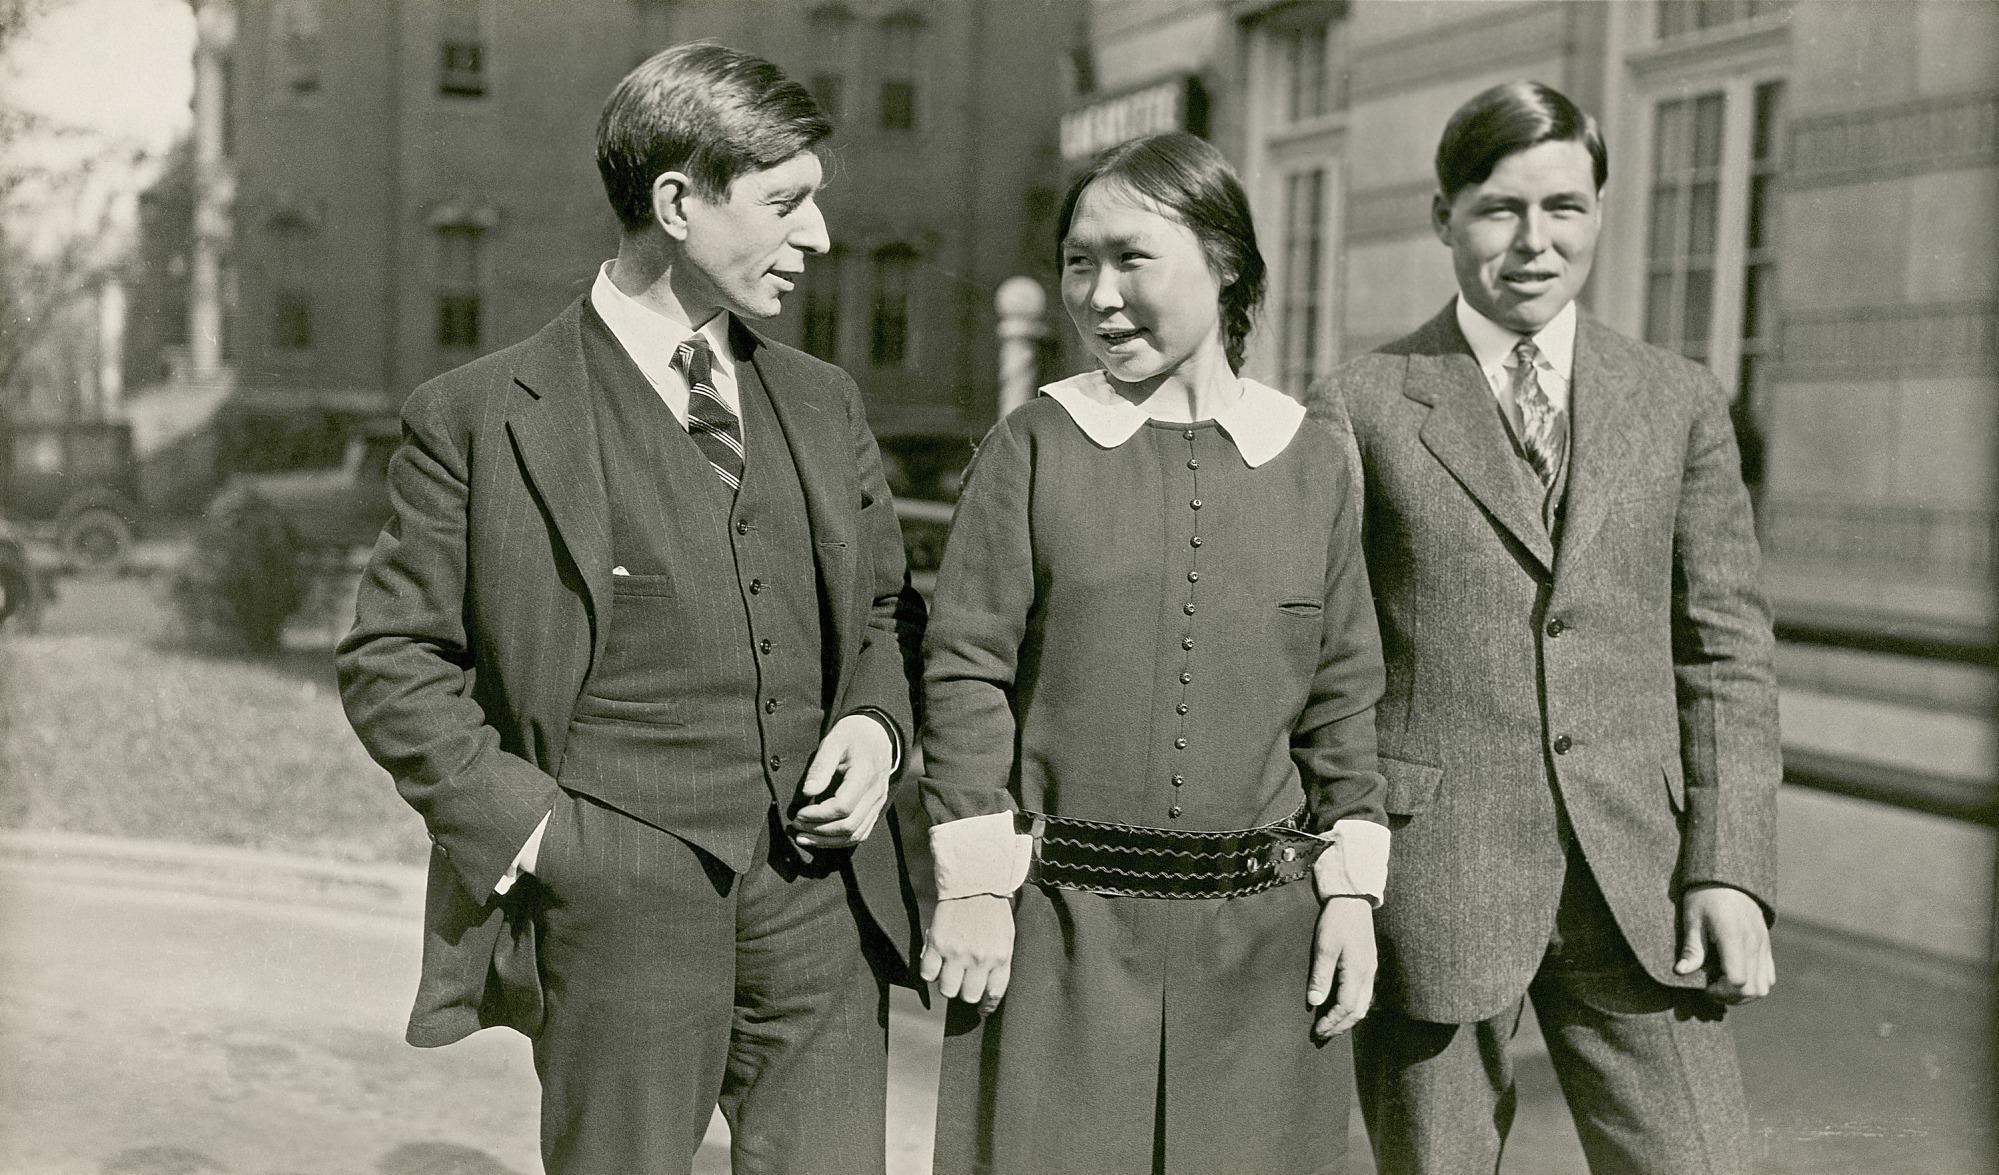 Rasmussen, Arnarulunguak and Miteq